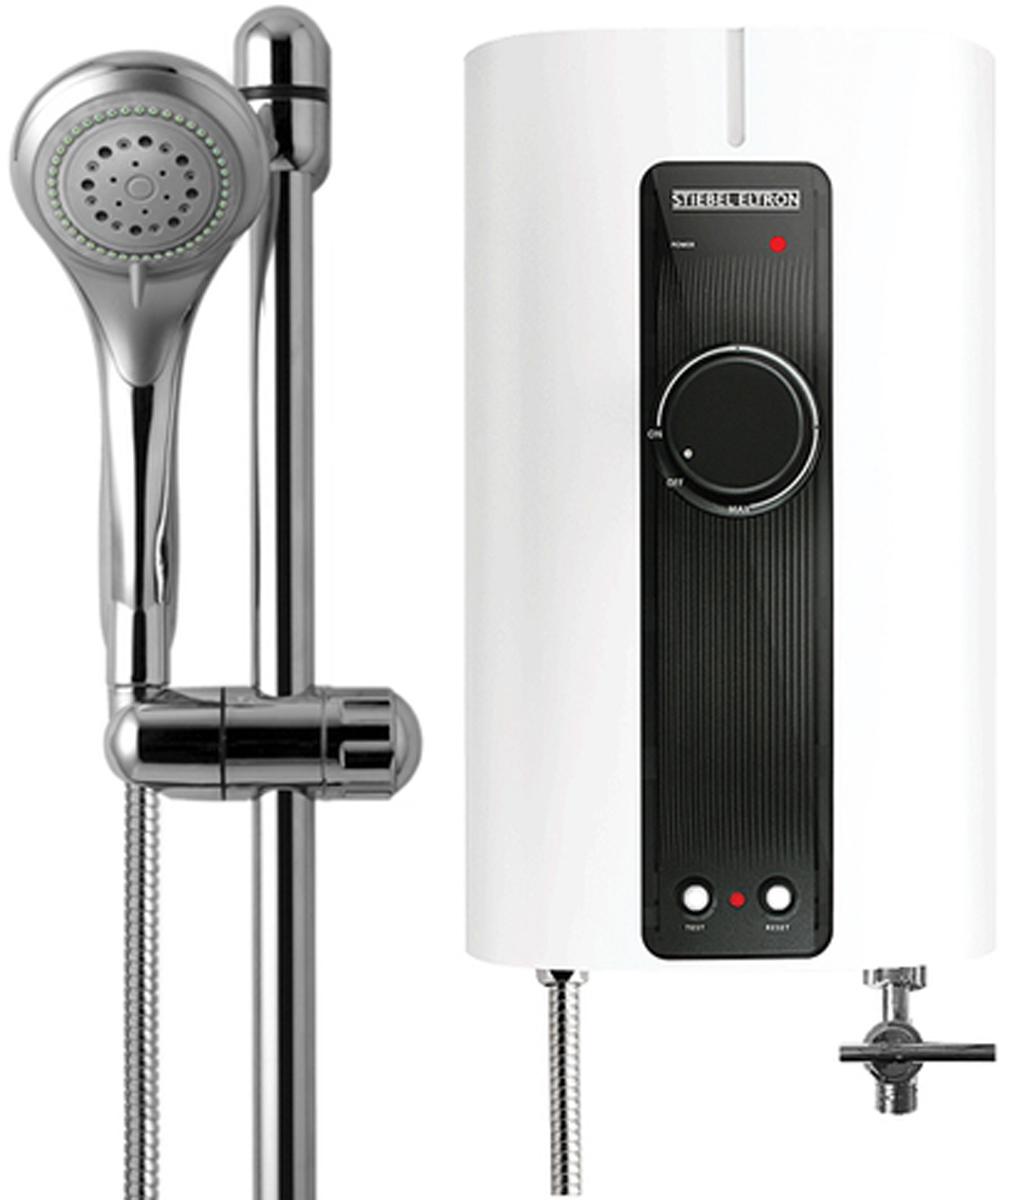 цена на Stiebel Eltron IS 60 E-2 водонагреватель проточный